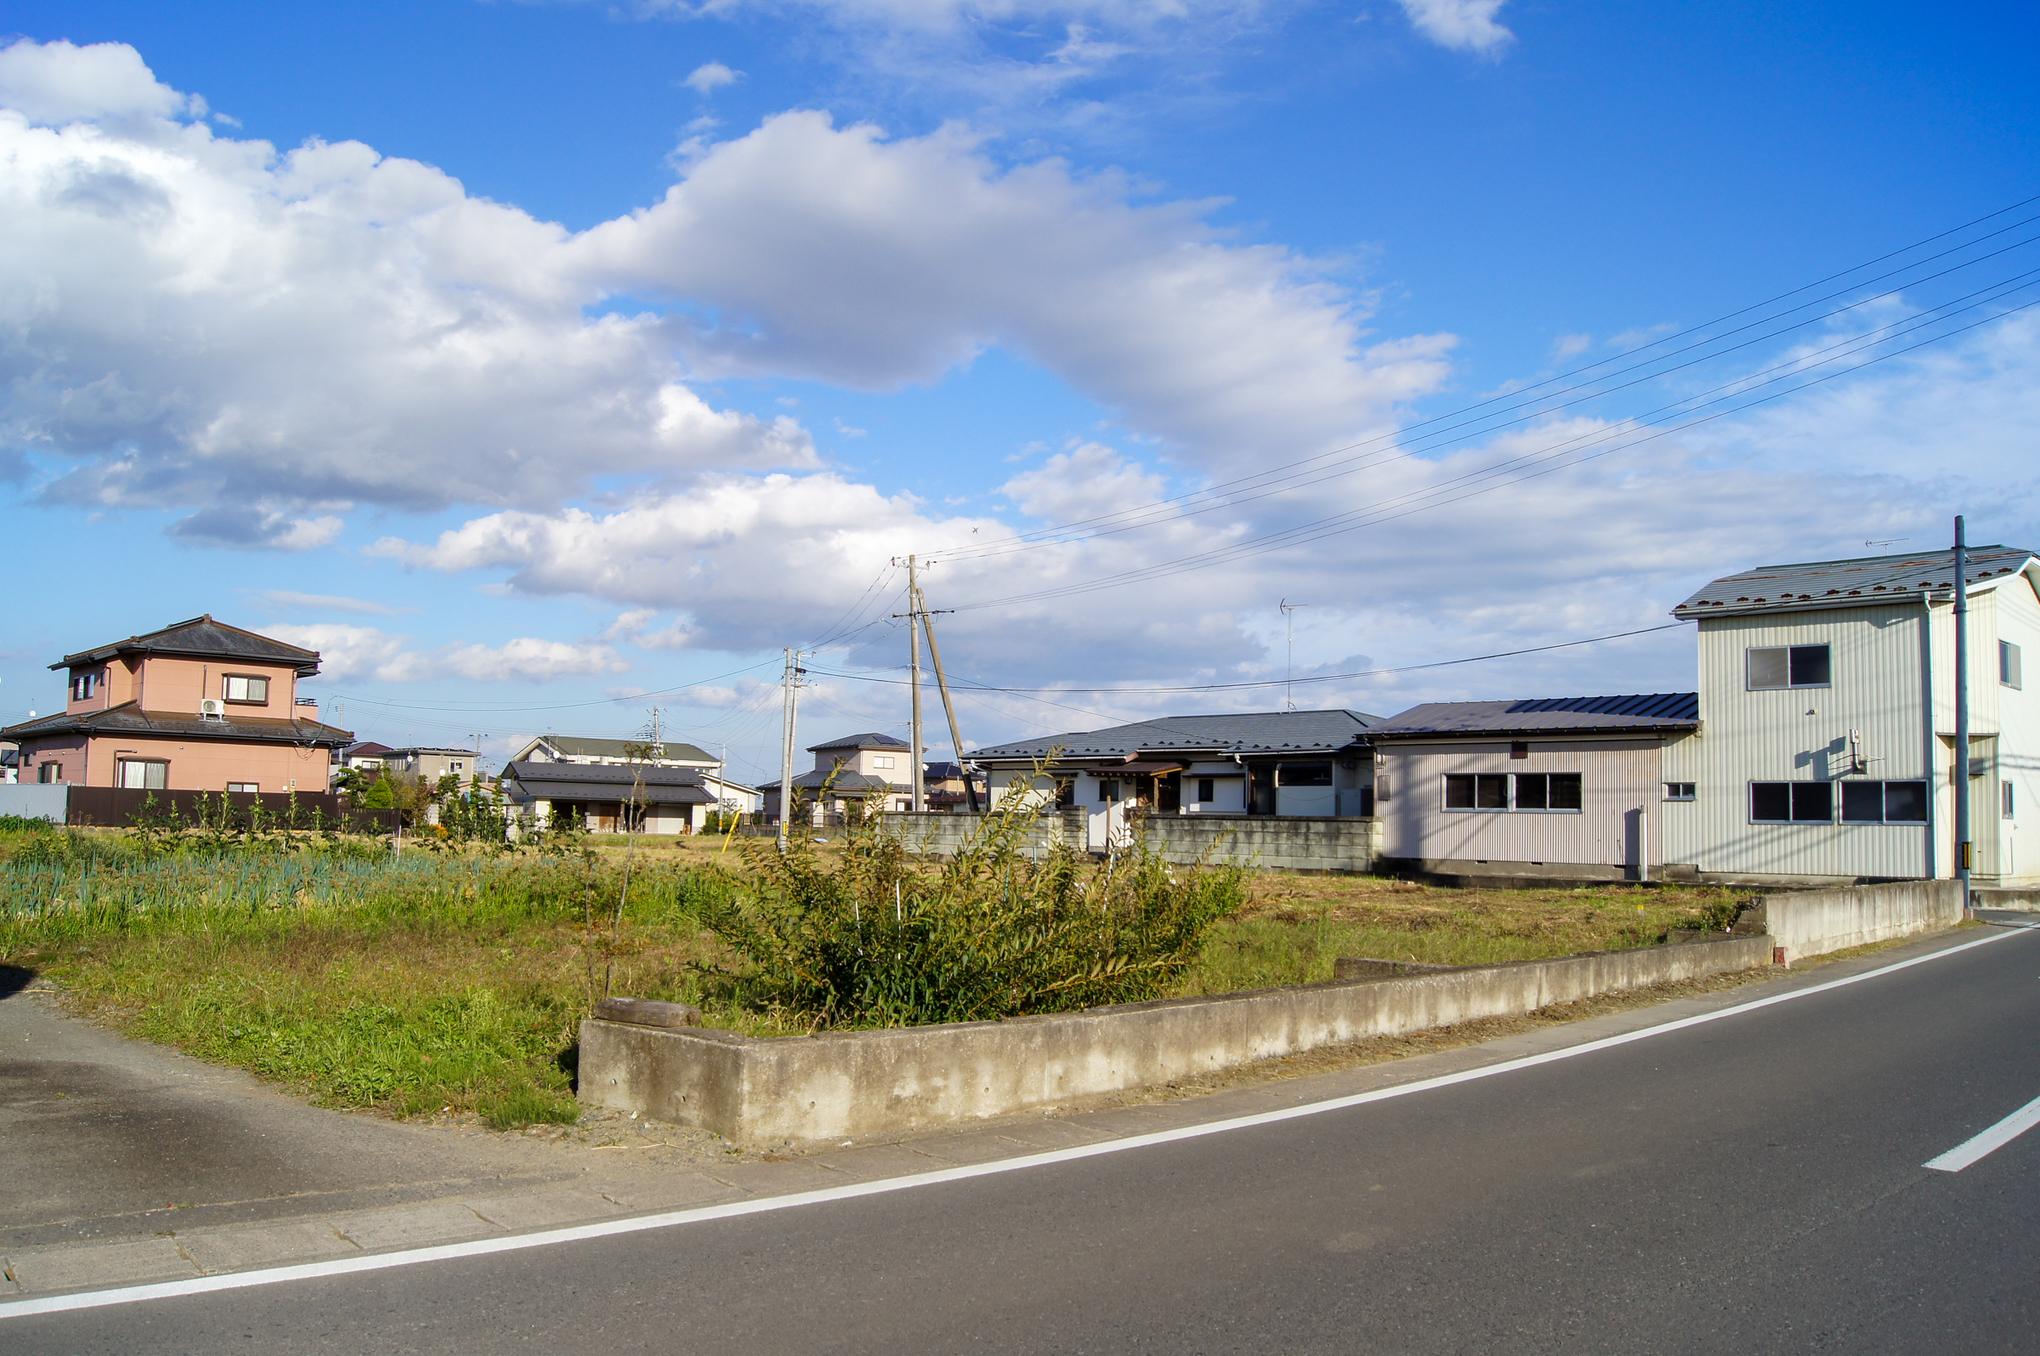 f:id:akichiniiko:20200607161022j:plain